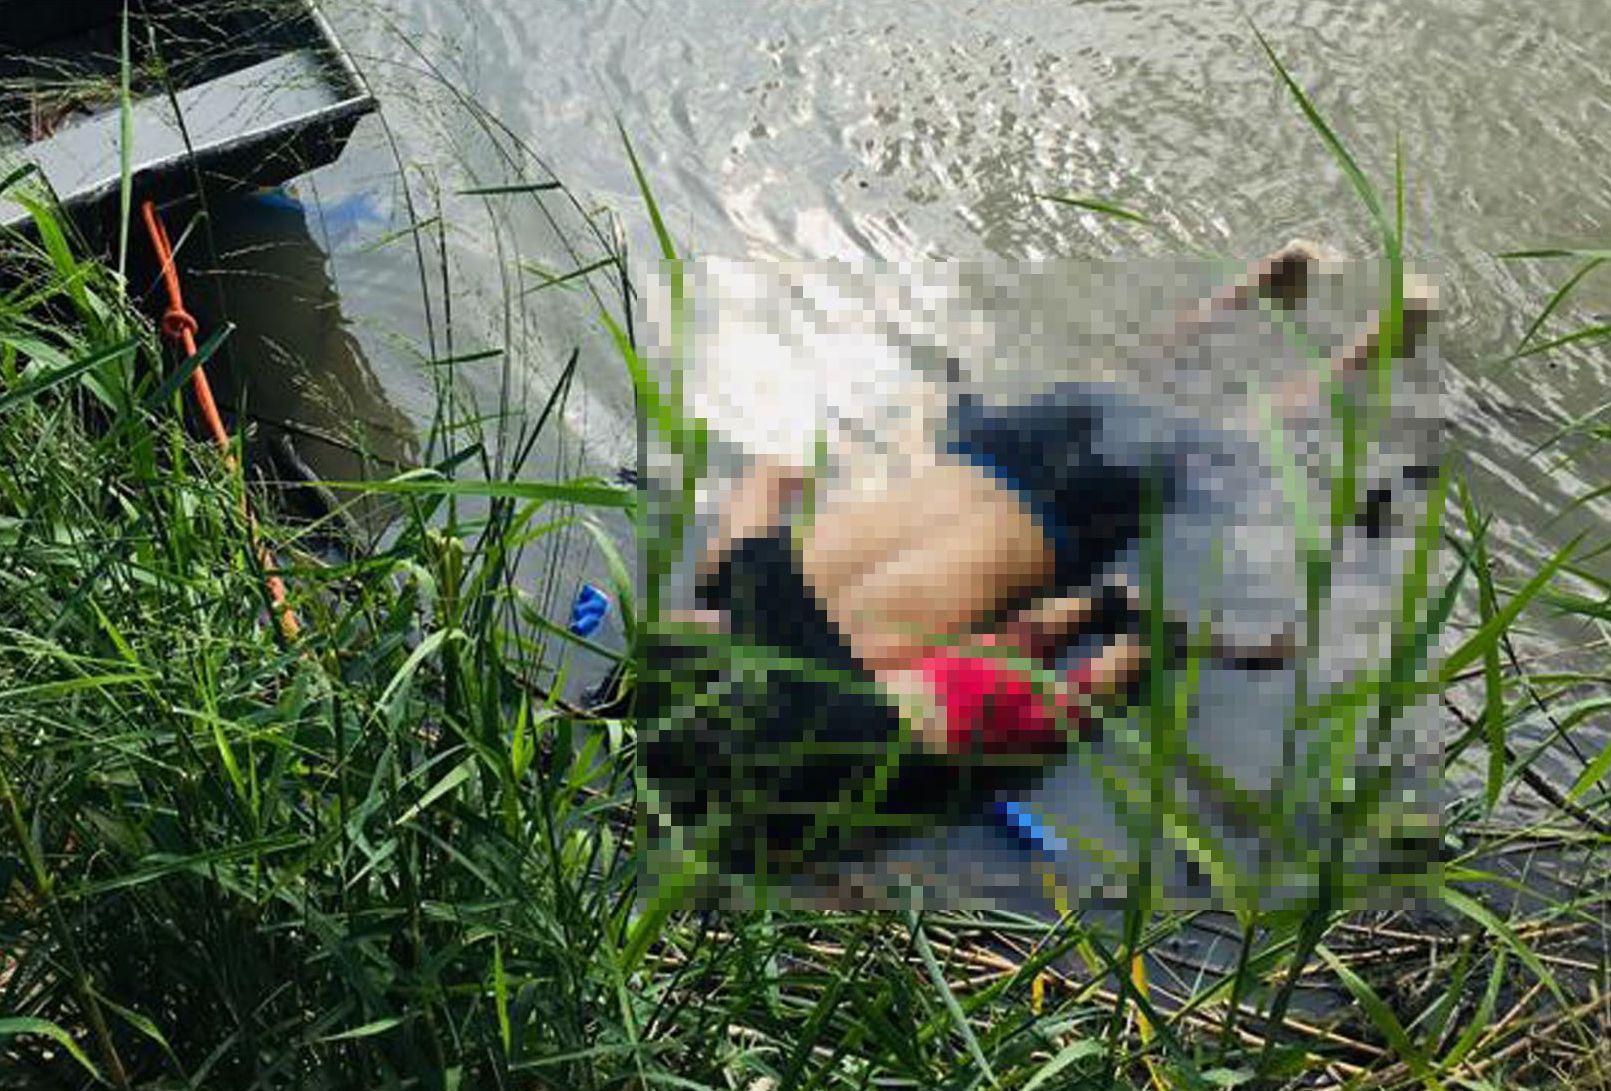 Usa, la foto shock dei due migranti morti nel Rio Grande